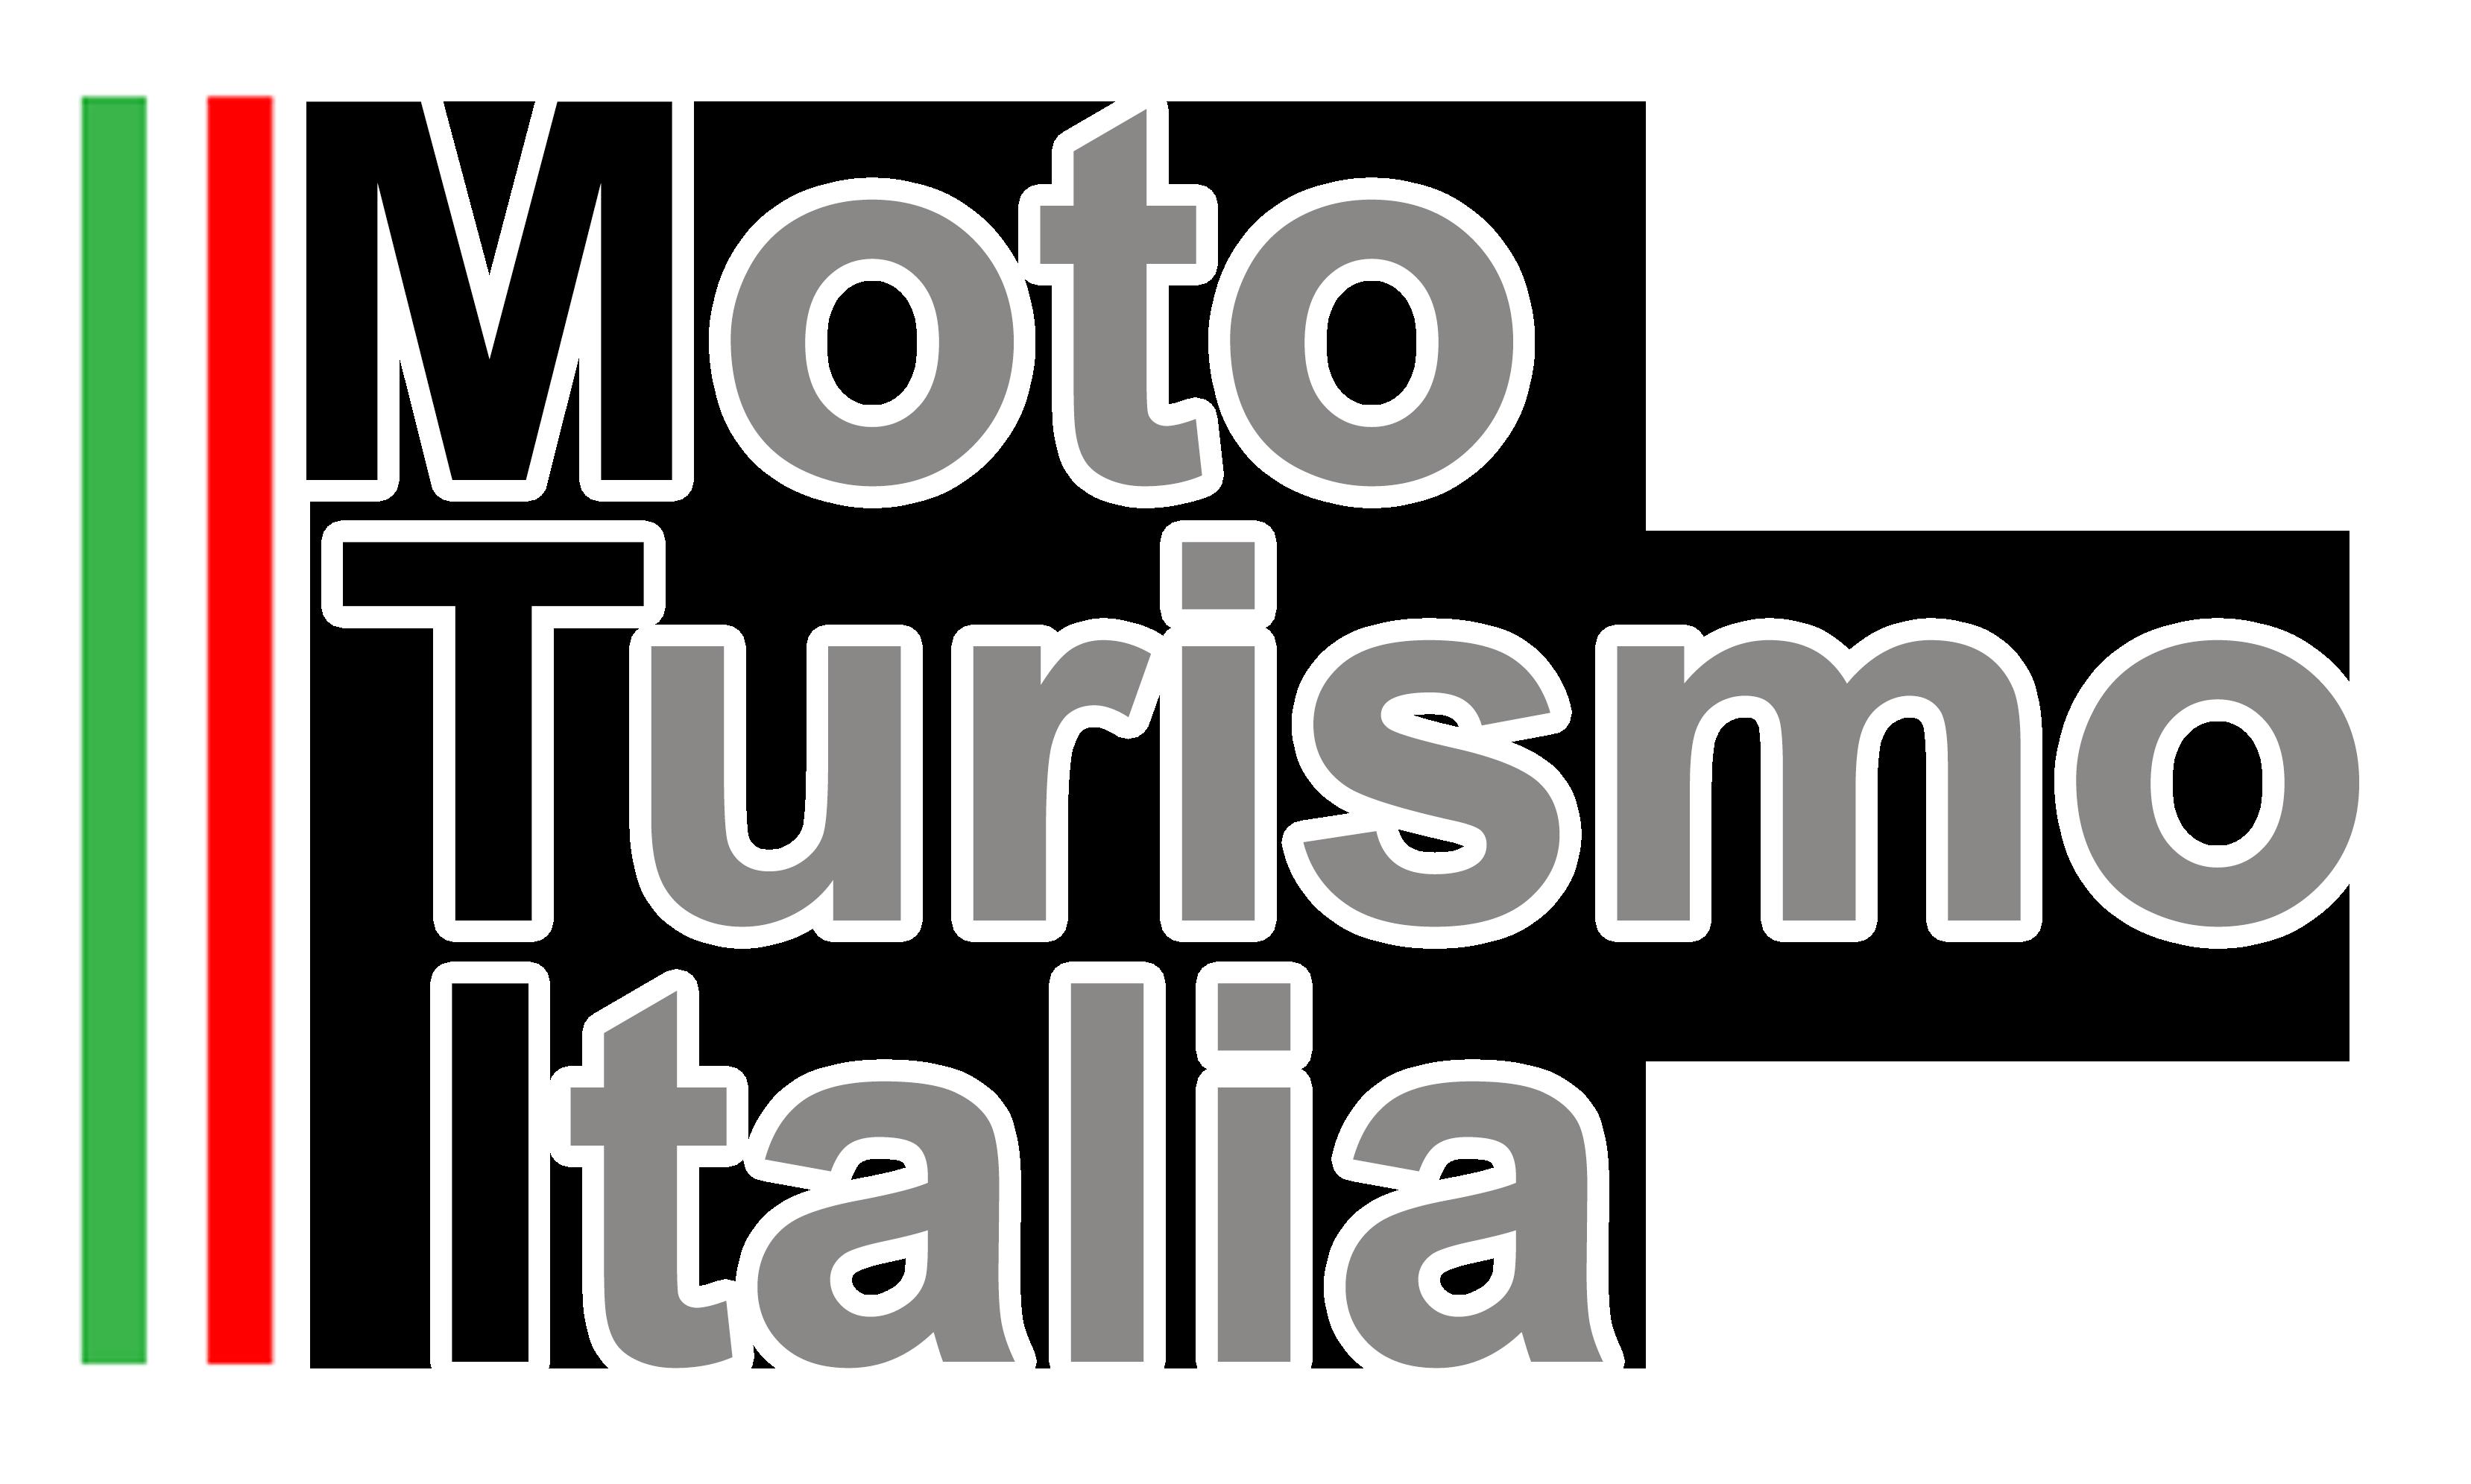 MotoTurismoItalia